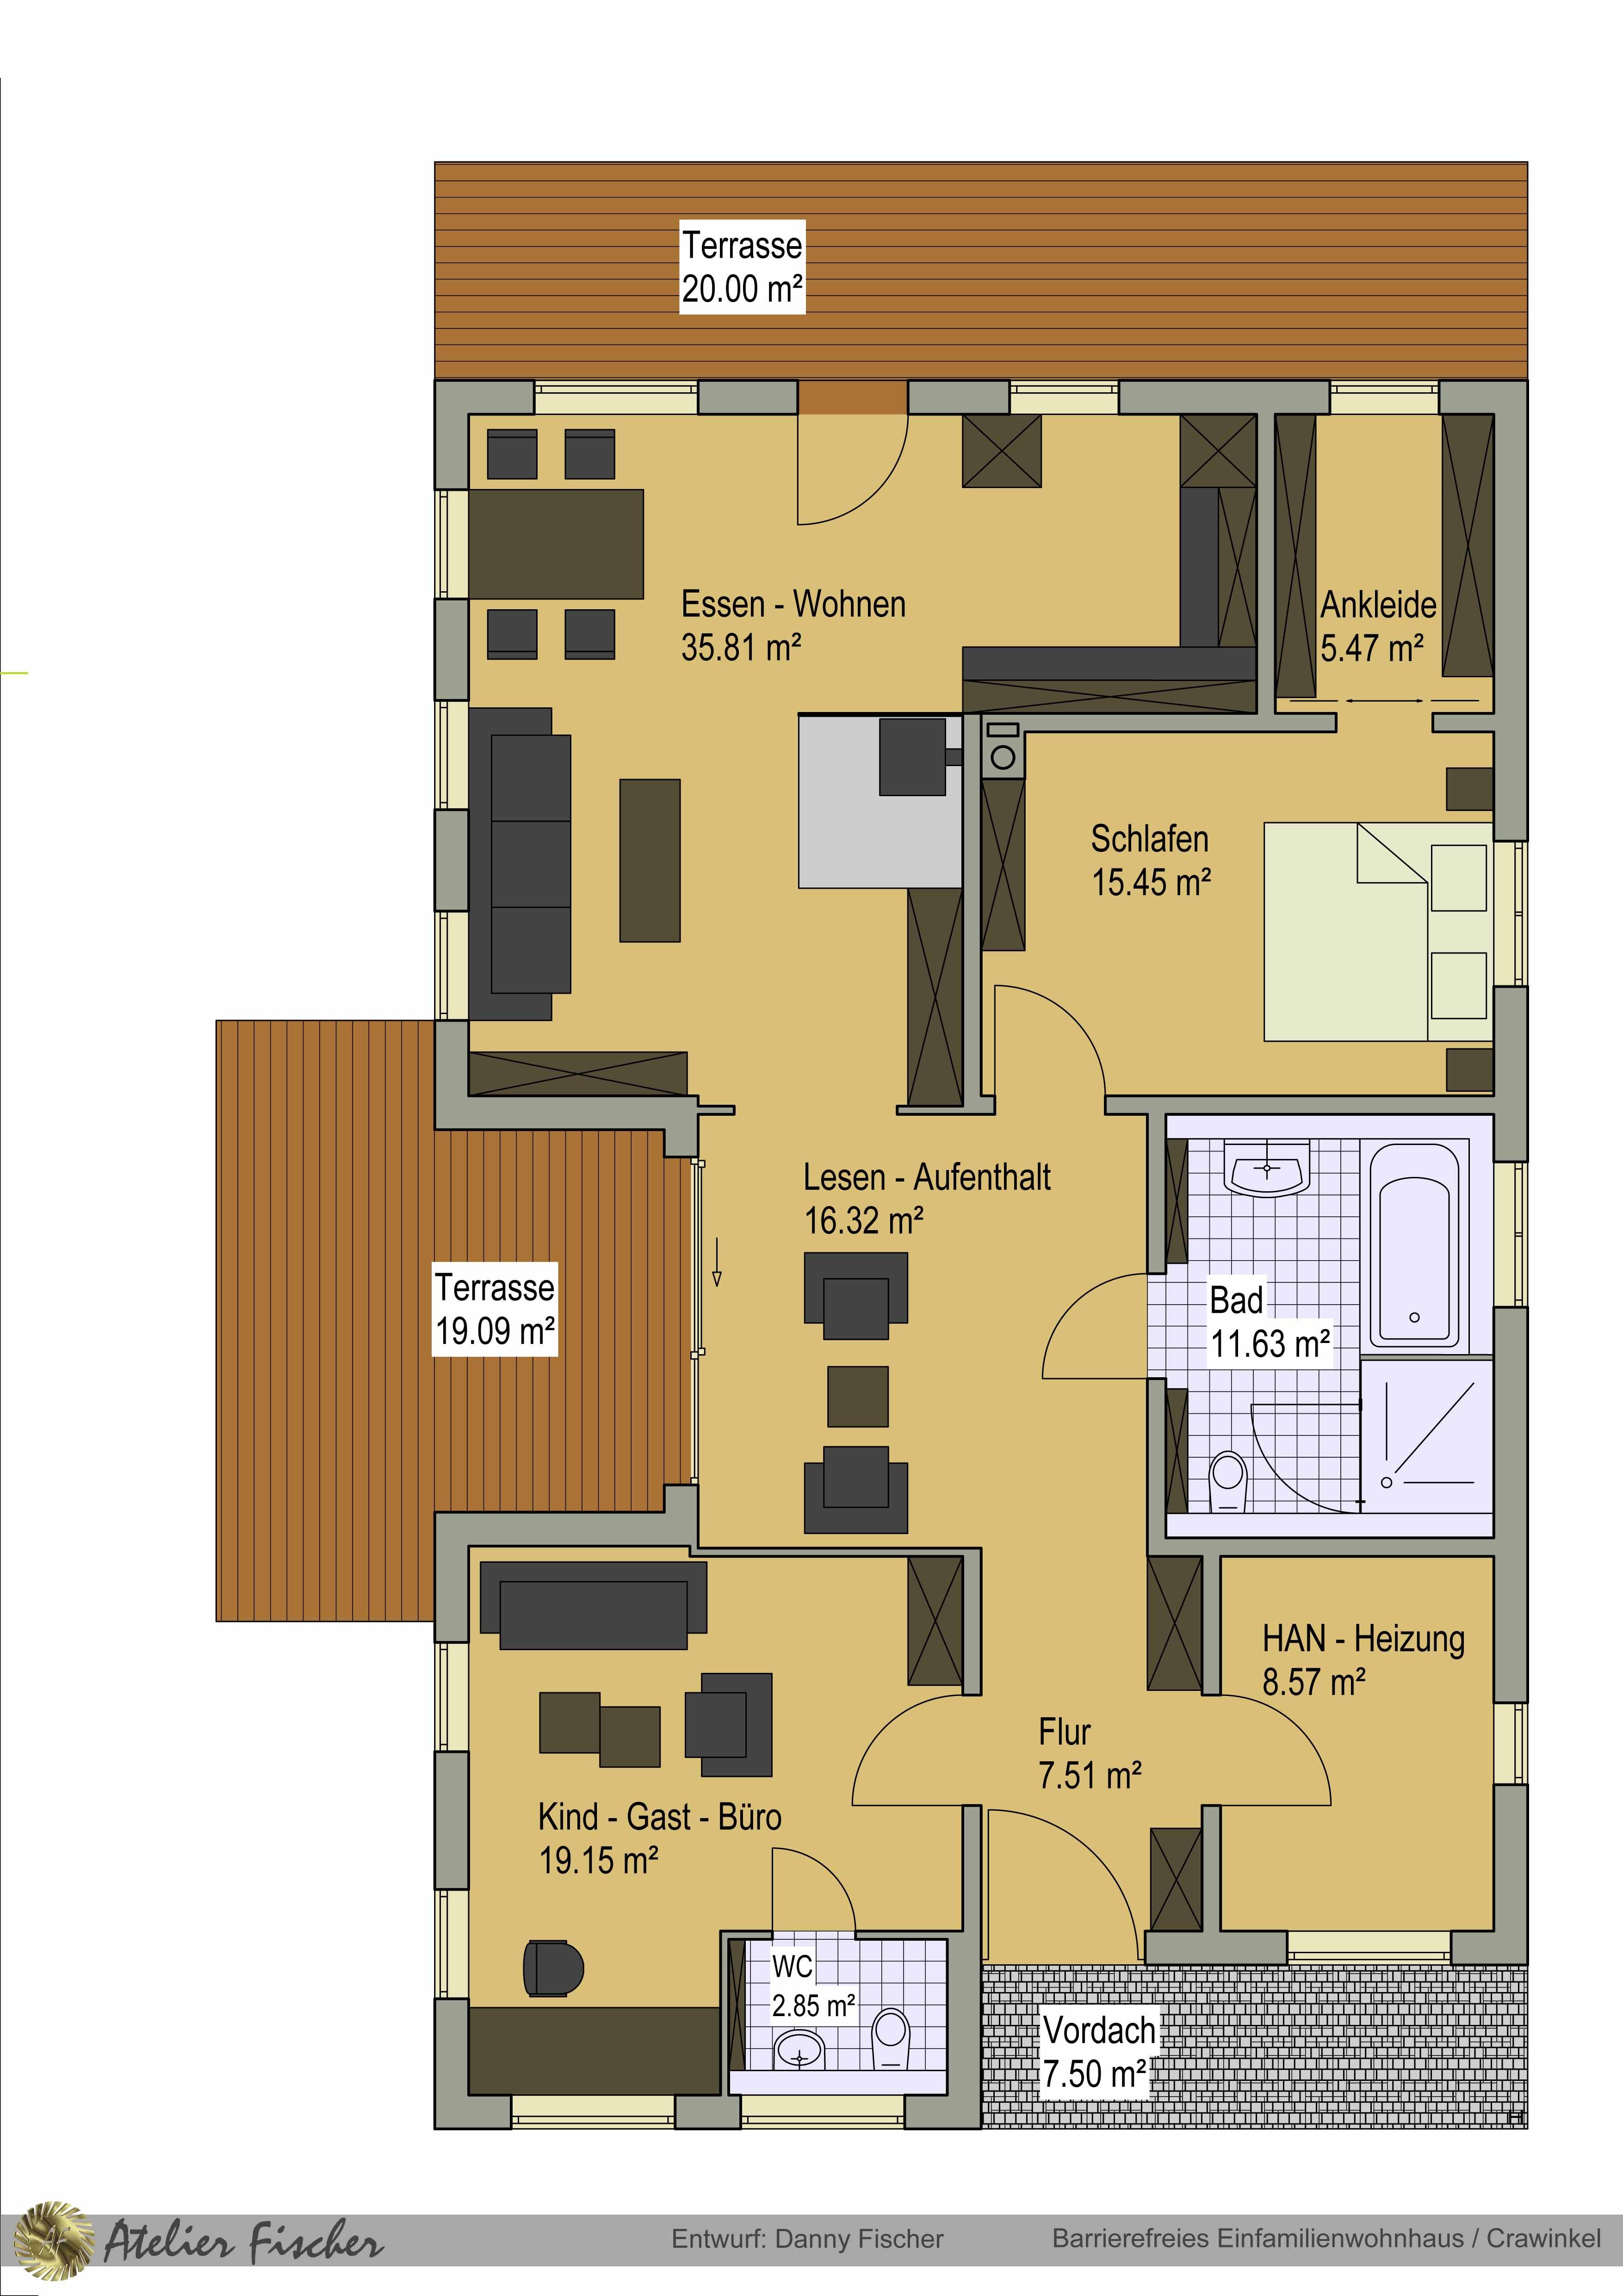 Entwurf barrierefreies Einfamilienwohnhaus / Crawinkel